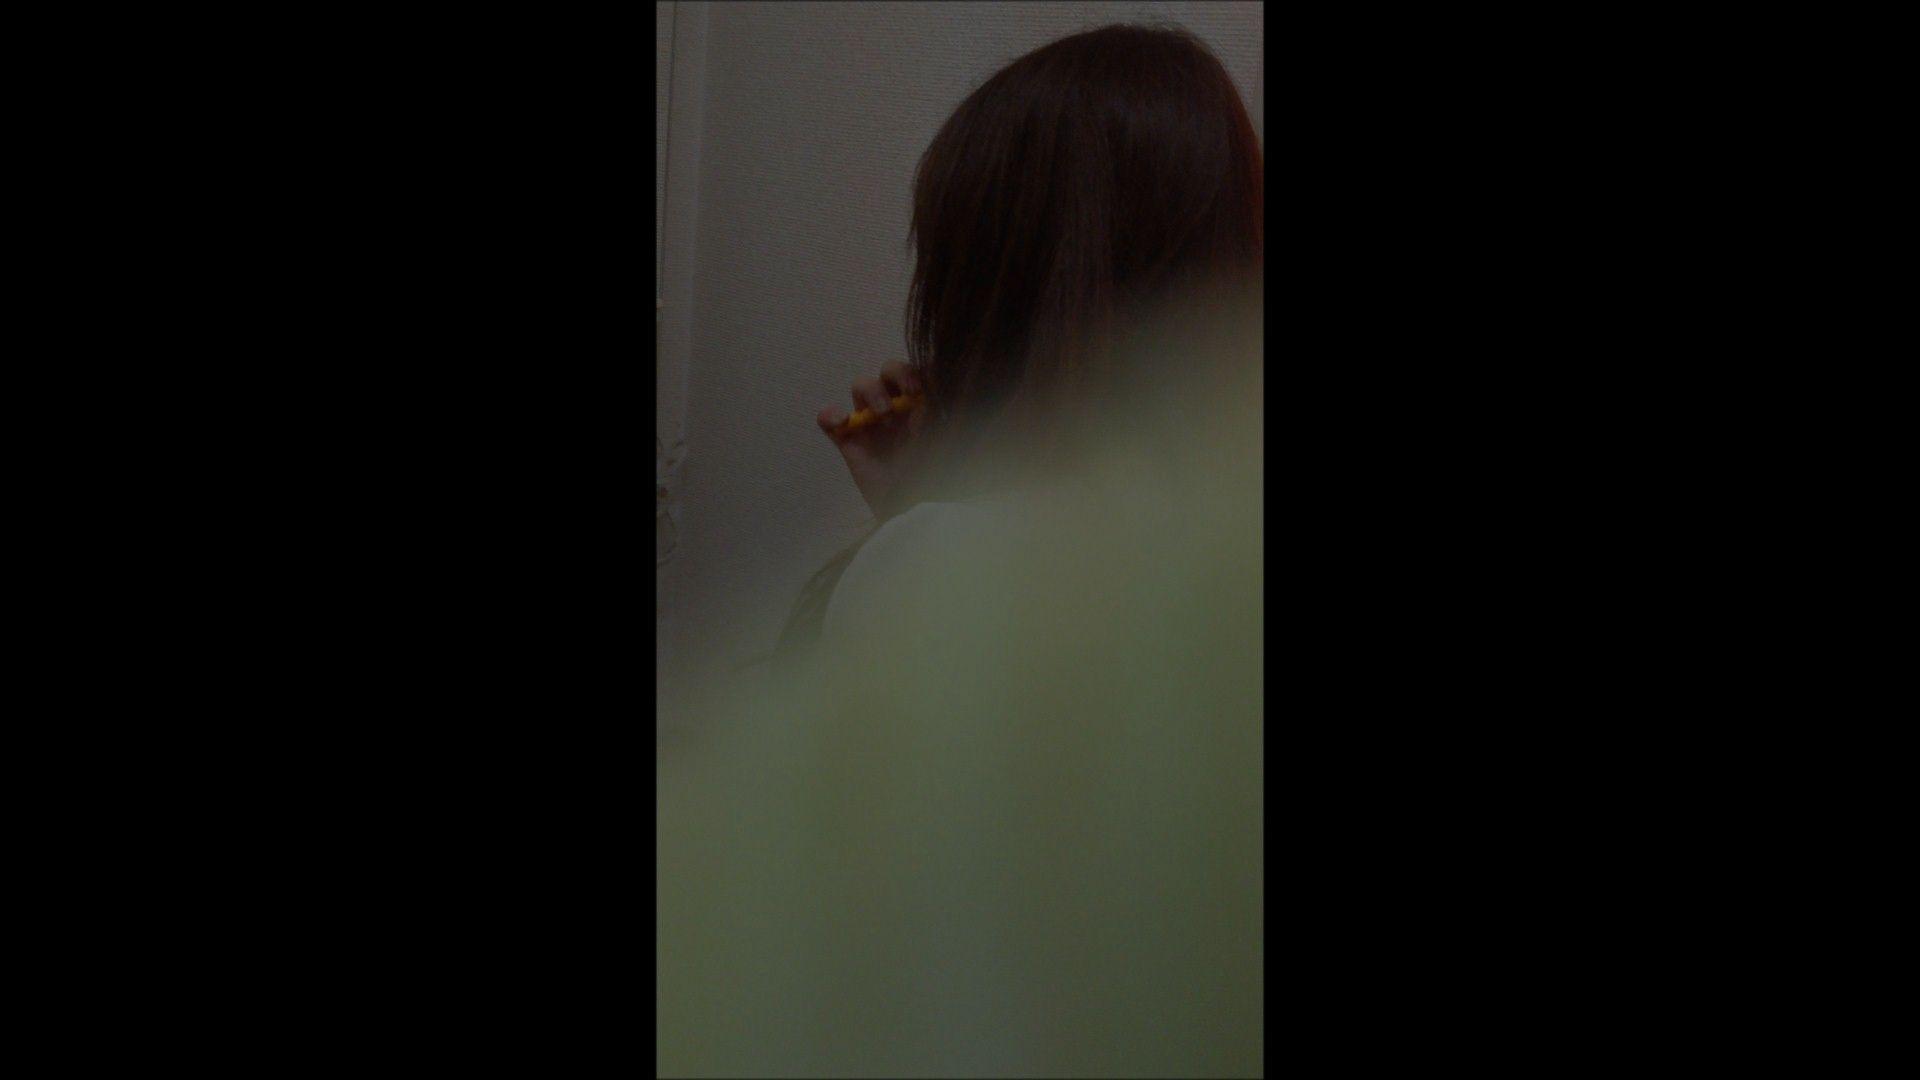 08(8日目)メイク中の彼女の顔を撮りました! いやらしいOL  51連発 8